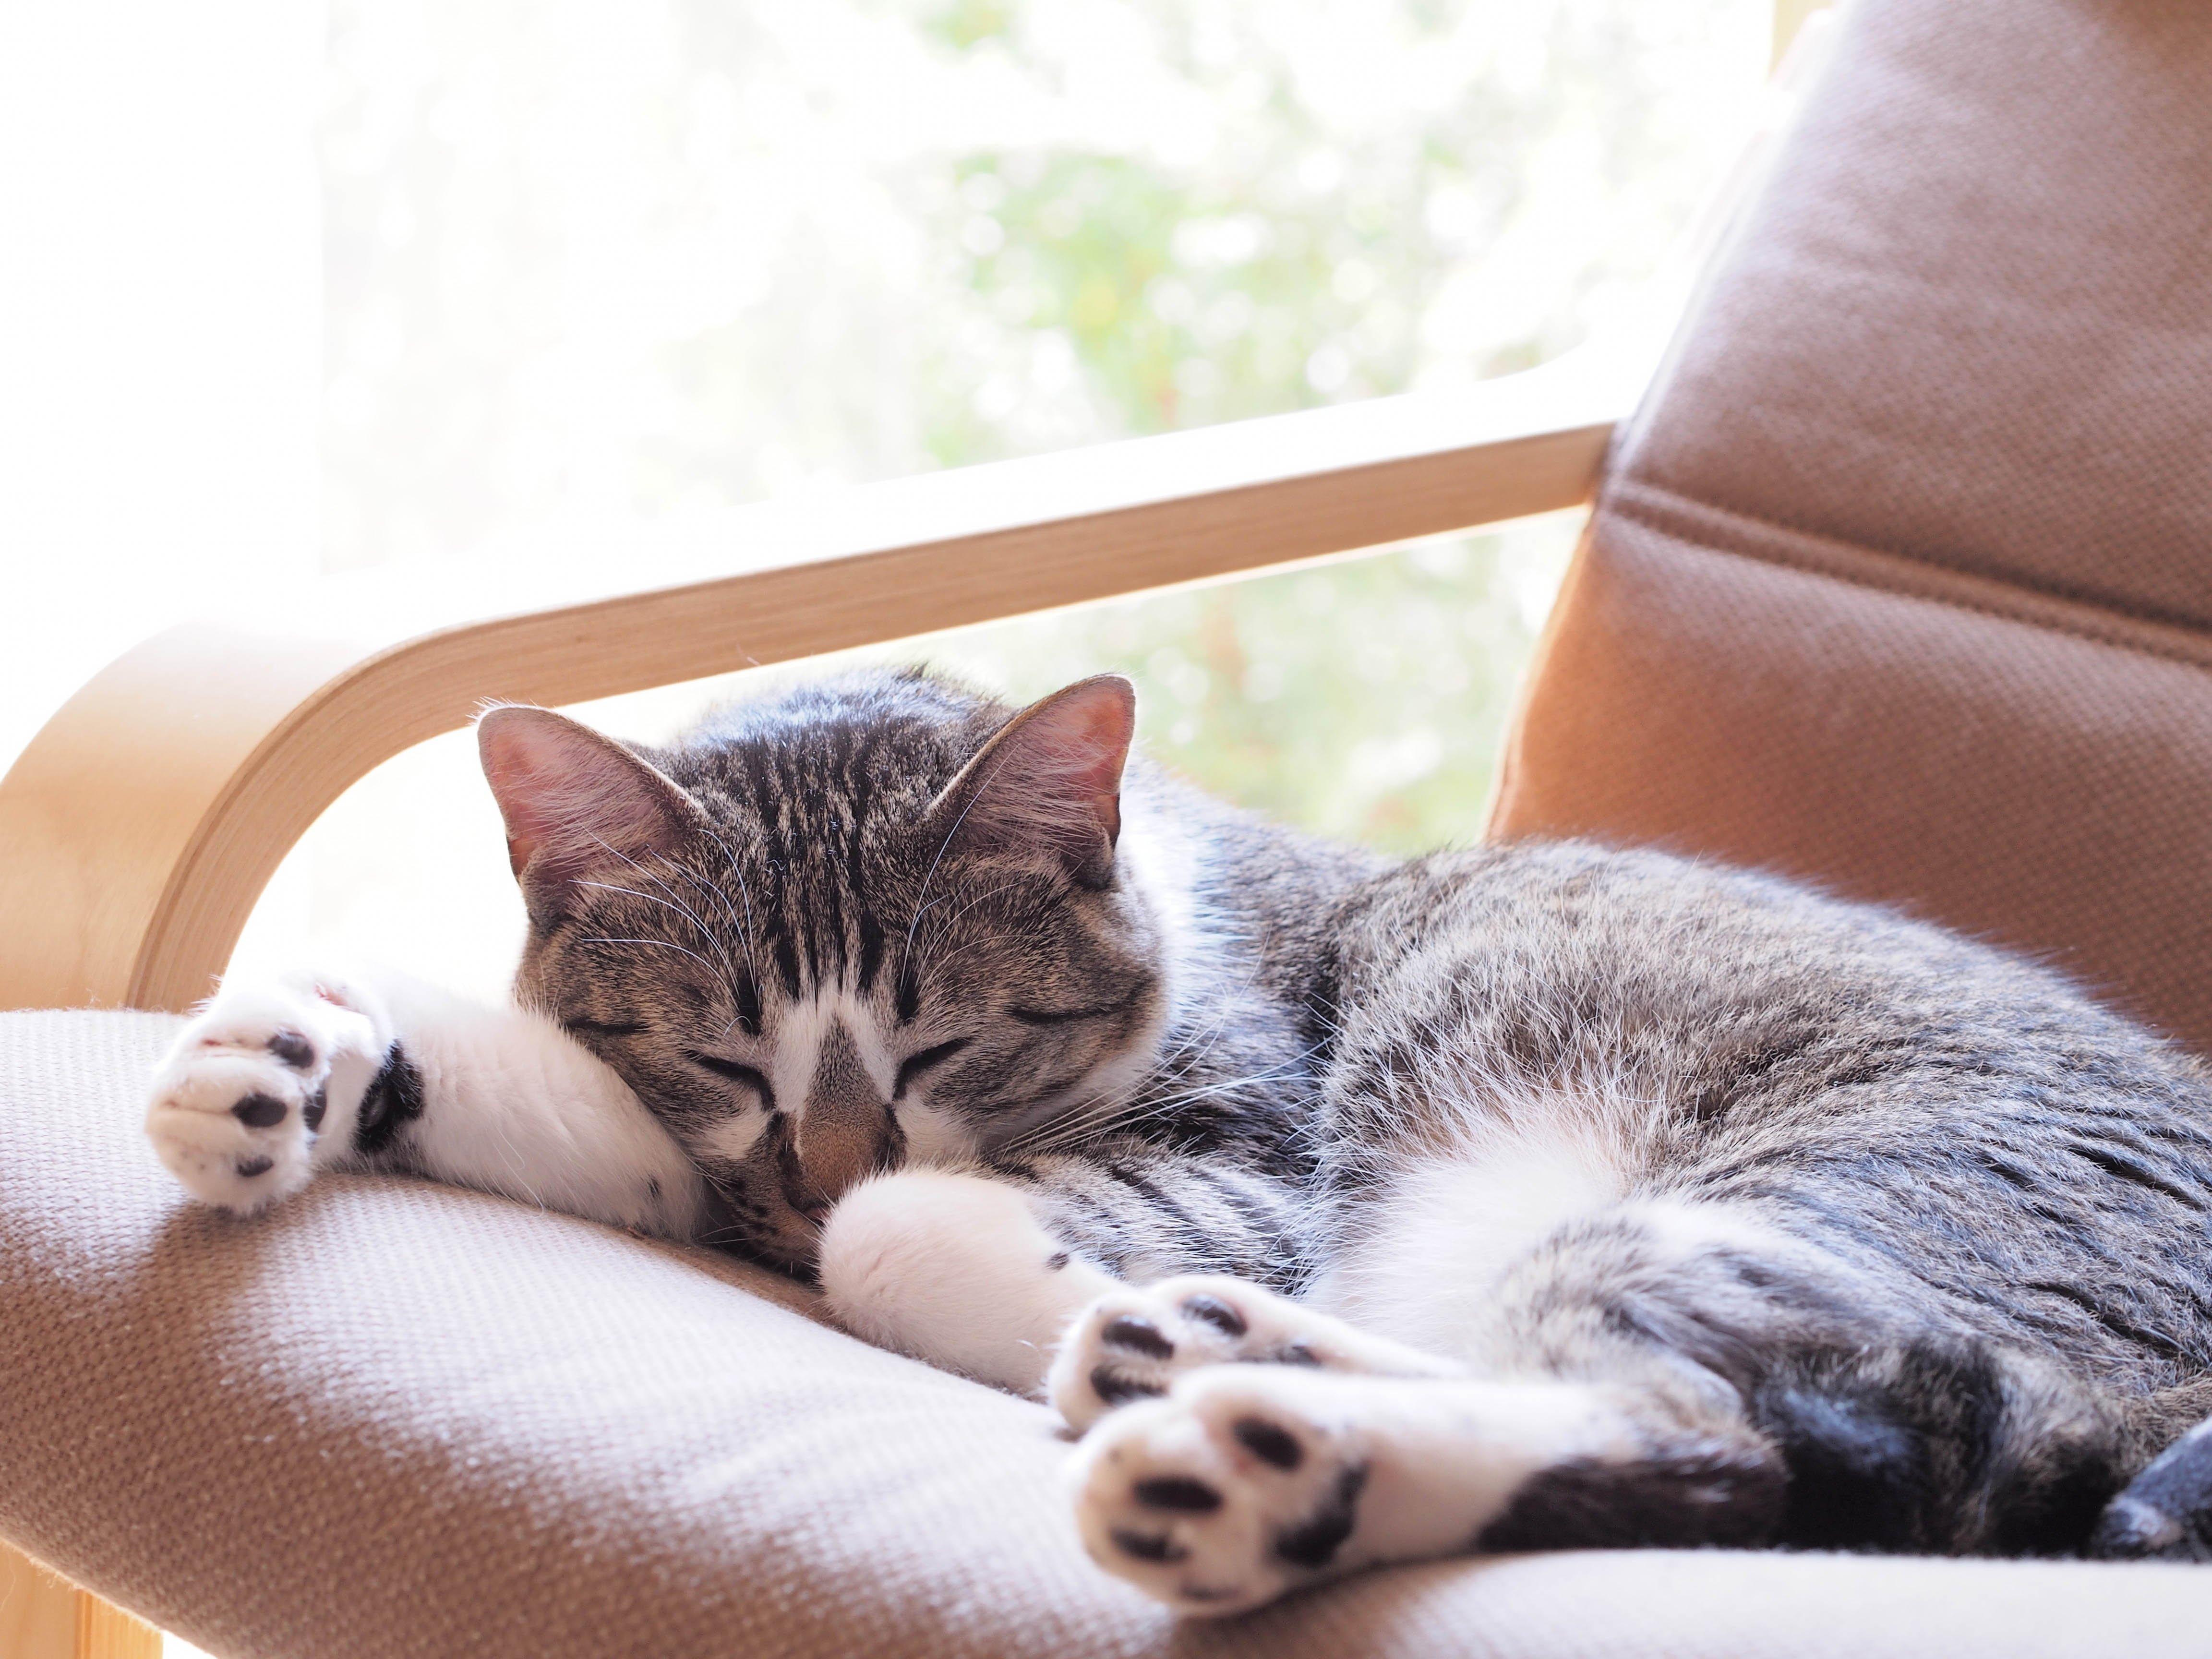 Katze liegt schlafend in Stuhl